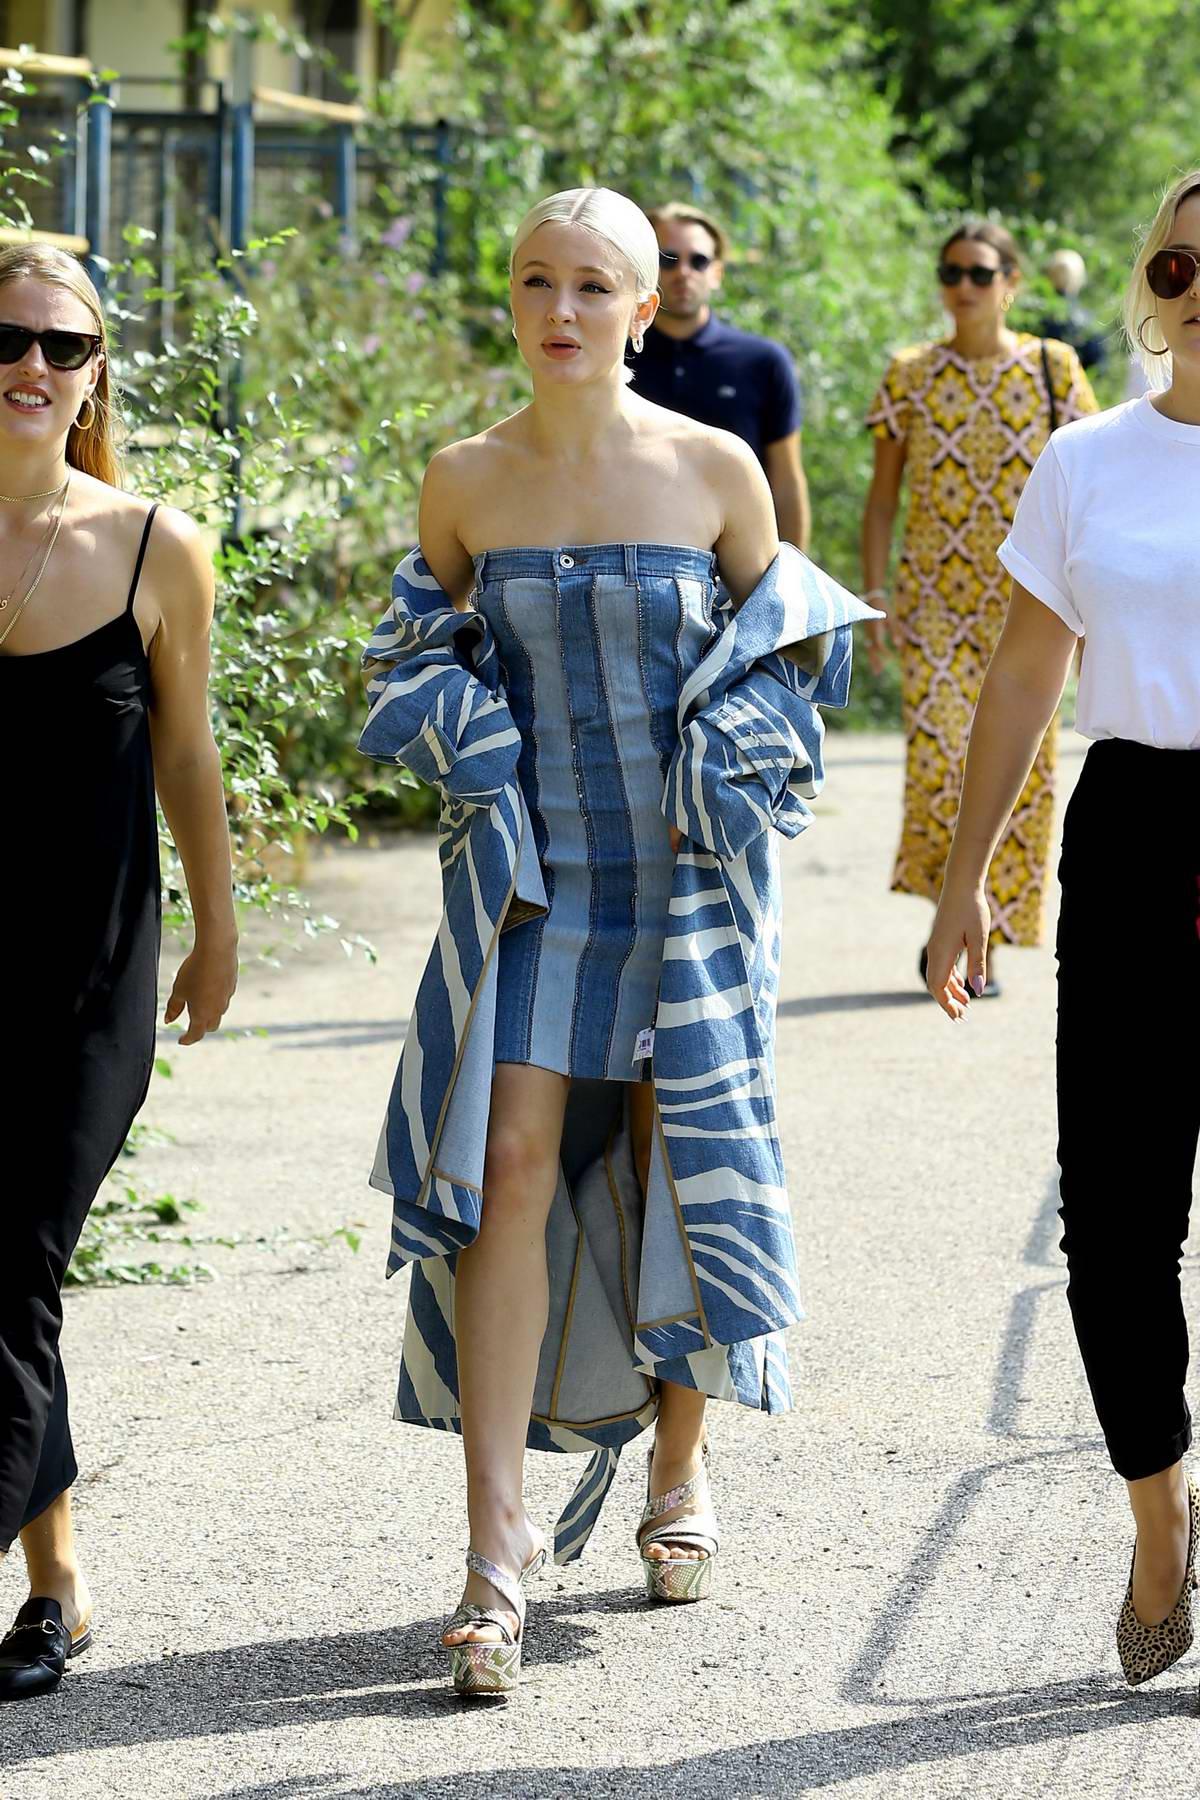 Zara Larsson arrives at Roberto Cavalli, Spring/Summer 2019 Collection during Milan Fashion Week in Milan, Italy